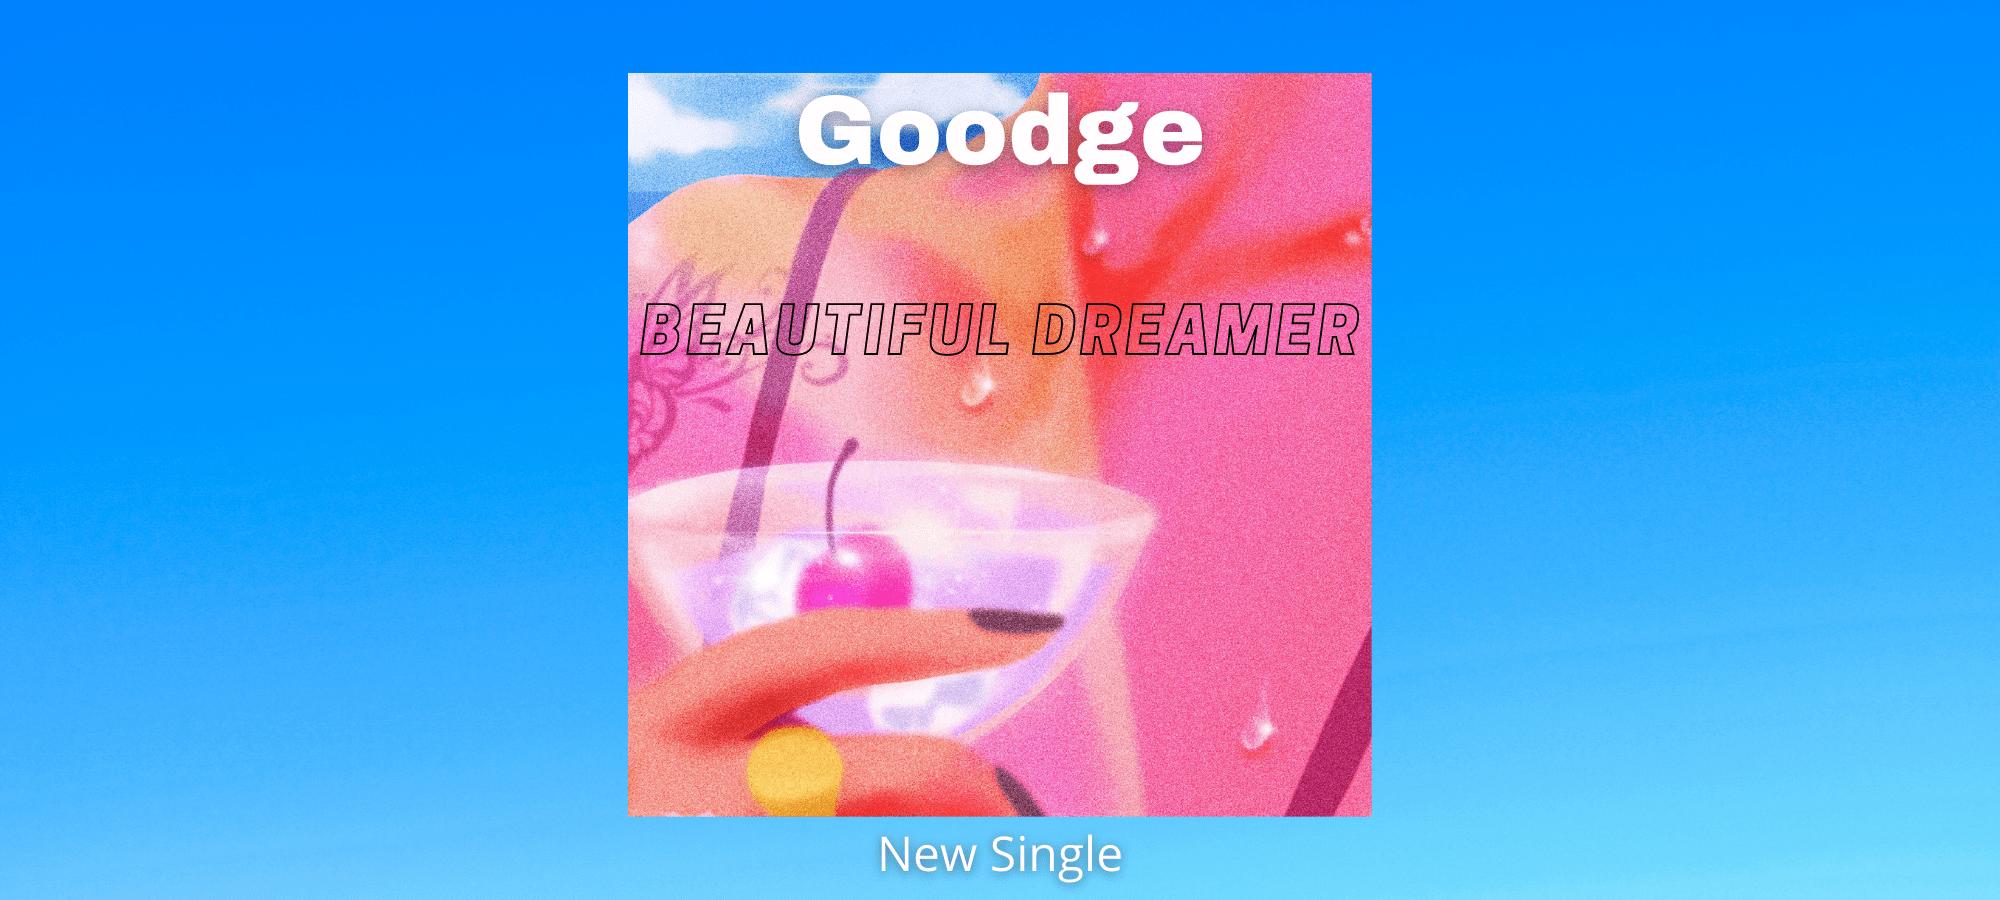 Goodge - new EP